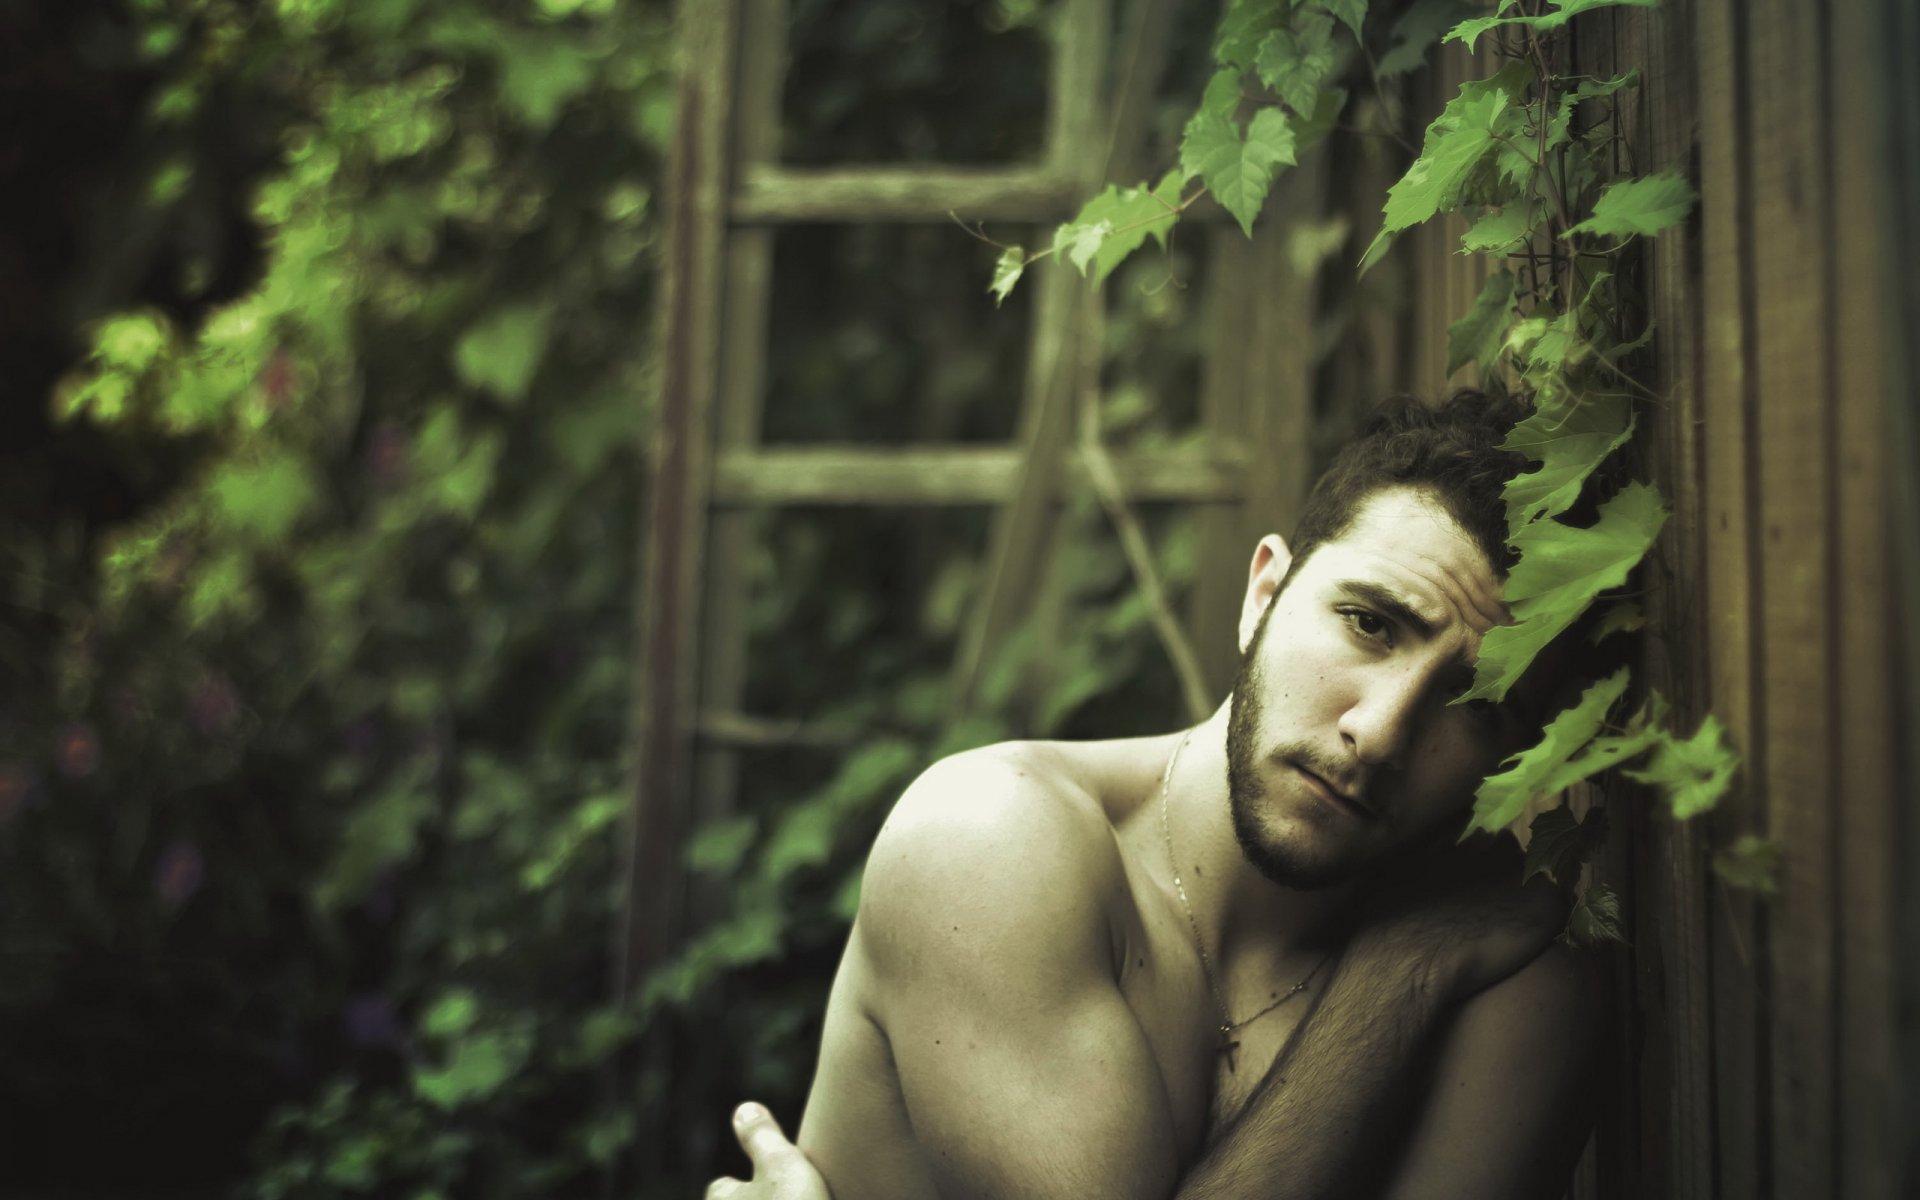 могут быть мужчина в лесу картинки отличие своих родителей